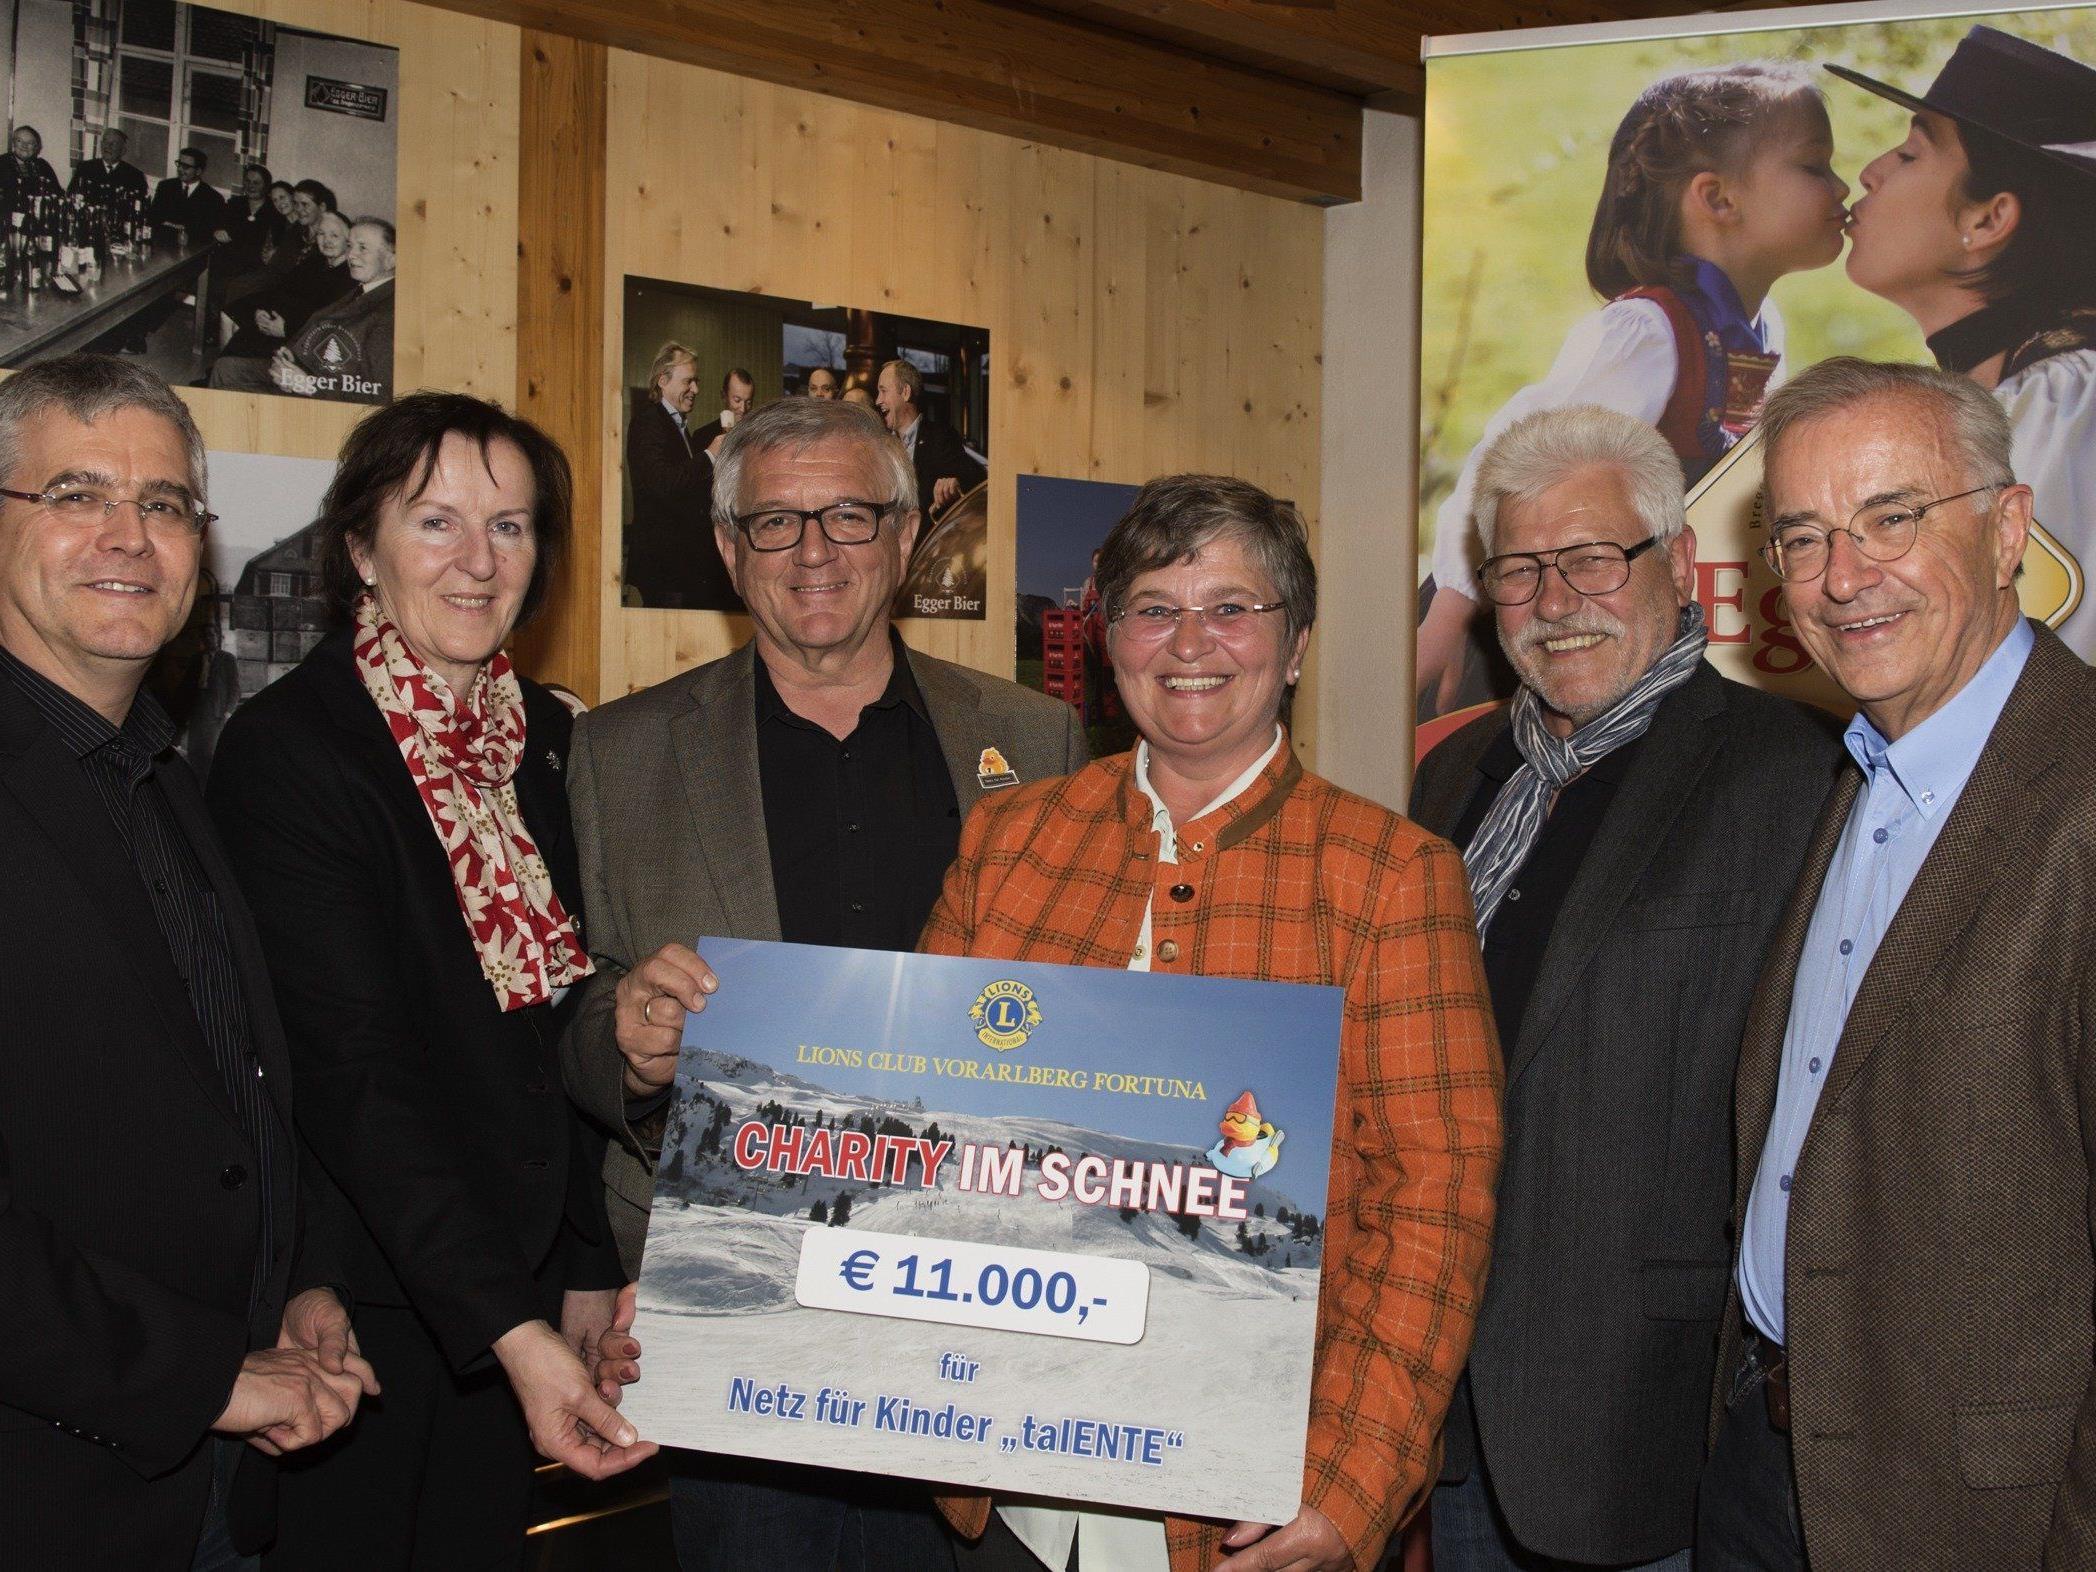 """In einem besonderen Rahmen, dank der Brauerei Egg, Luis Weidinger und Hubert Berkmann als Sponsor und Gastgeber konnte der Lions Club Vorarlberg Fortuna die Partner und Sponsoren der """"Charity im Schnee"""" begrüssen. Dieser besondere Event, dem weltweit einzigartigen Entenskirennen, brachte für das talEnte-Haus vom Netz für Kinder € 11.000,-- ein.   In einer einzigartigen Partnerschaft mit den Skiliften Schröcken, allen voran Klaus Wiethüchter, dem ORF Vorarlberg Dir. Markus Klement und der Marketingchefin Eva Maria Thurnher und dem WEEKEND Magazin Arno Riedmann und Anton Willam ging diese besondere Charity bereits zum 2.Mal über die Bühne. Die Ideengeberin und Organisatorin Andrea Helbok und die Präsidentin Monika Sauermoser vom Lions Club Vorarlberg Fortuna konnten mit grosser Freude an den Obmann Franz Abbrederis vom Netz für Kinder den Scheck übergeben. Den gemütlichen Abend genossen: der Schirmherr der Veranstaltung Herbert Sausgruber und Ilga Sausgruber (NfK), Klaus Wiethüchter, GFF der Skilifte Schröcken mit seinem Team, Siegi Hollaus, Otmar Spiegel und Sonja Feuerstein. Renate Moser und Rolf Seewald (Intersky), Renato und Sabine Schneider (Autohaus Strolz), Thomas und Irene Walch (Bäckerei und Hotel Walserberg, Warth) Andreas Helbok (Felder-Häusle-Helbok), Julian Eiter (Trend Media), vom Netz für Kinder Obmann Franz Abbrederis, Mag. David Kessler, Egide und Marialis Bischofberger, Edith Themessl und Günter Schwarzl, sowie die Mitglieder vom LC Vorarlberg Fortuna Renate Moser, Kyriaki Efstathiou, Ingrid Köb-Berchtold, Jutta Diem und Marlies Michel"""